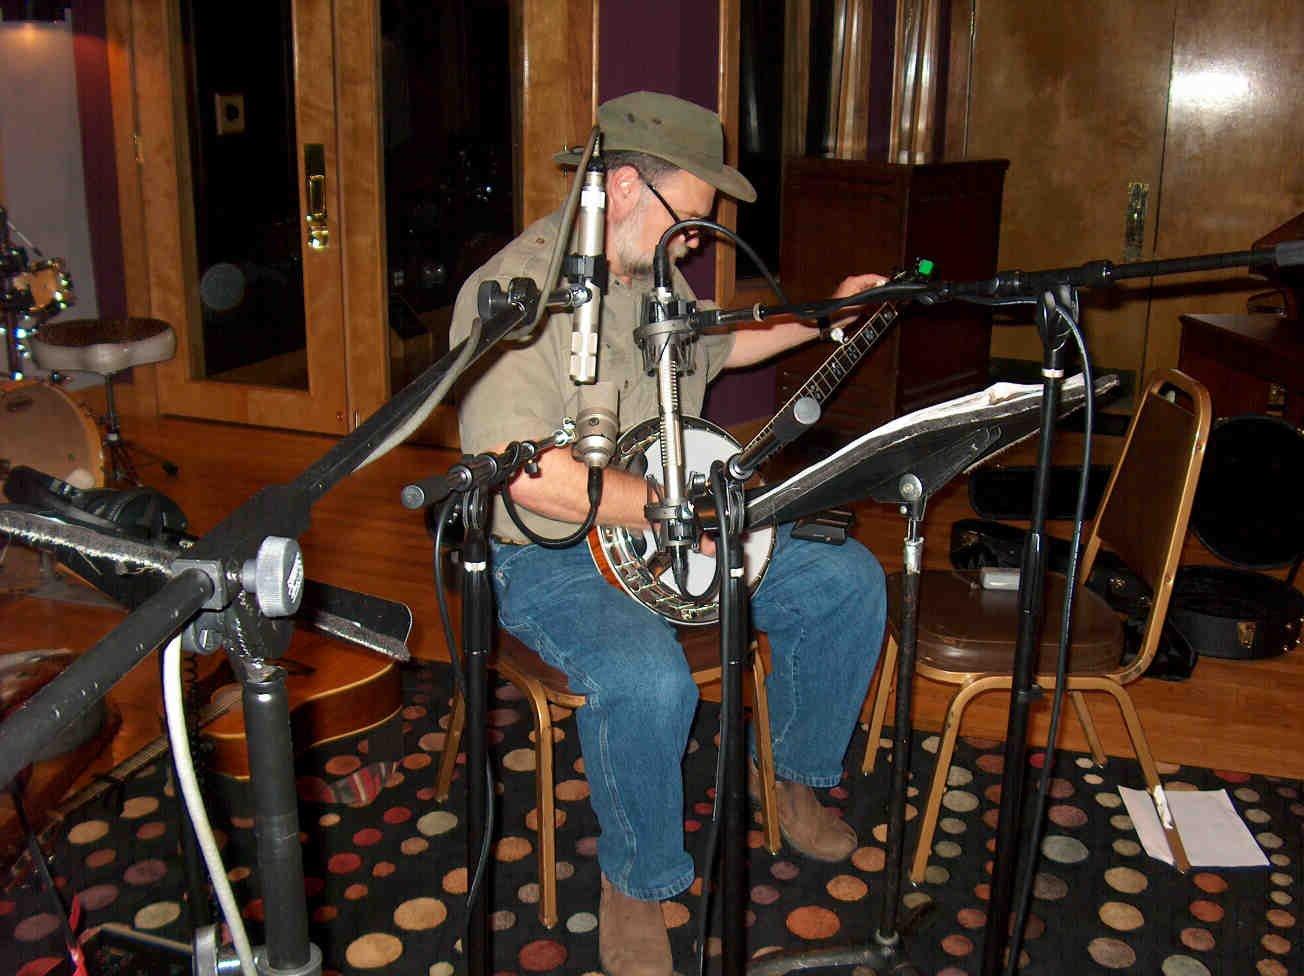 studio-sept-2007-007.jpg